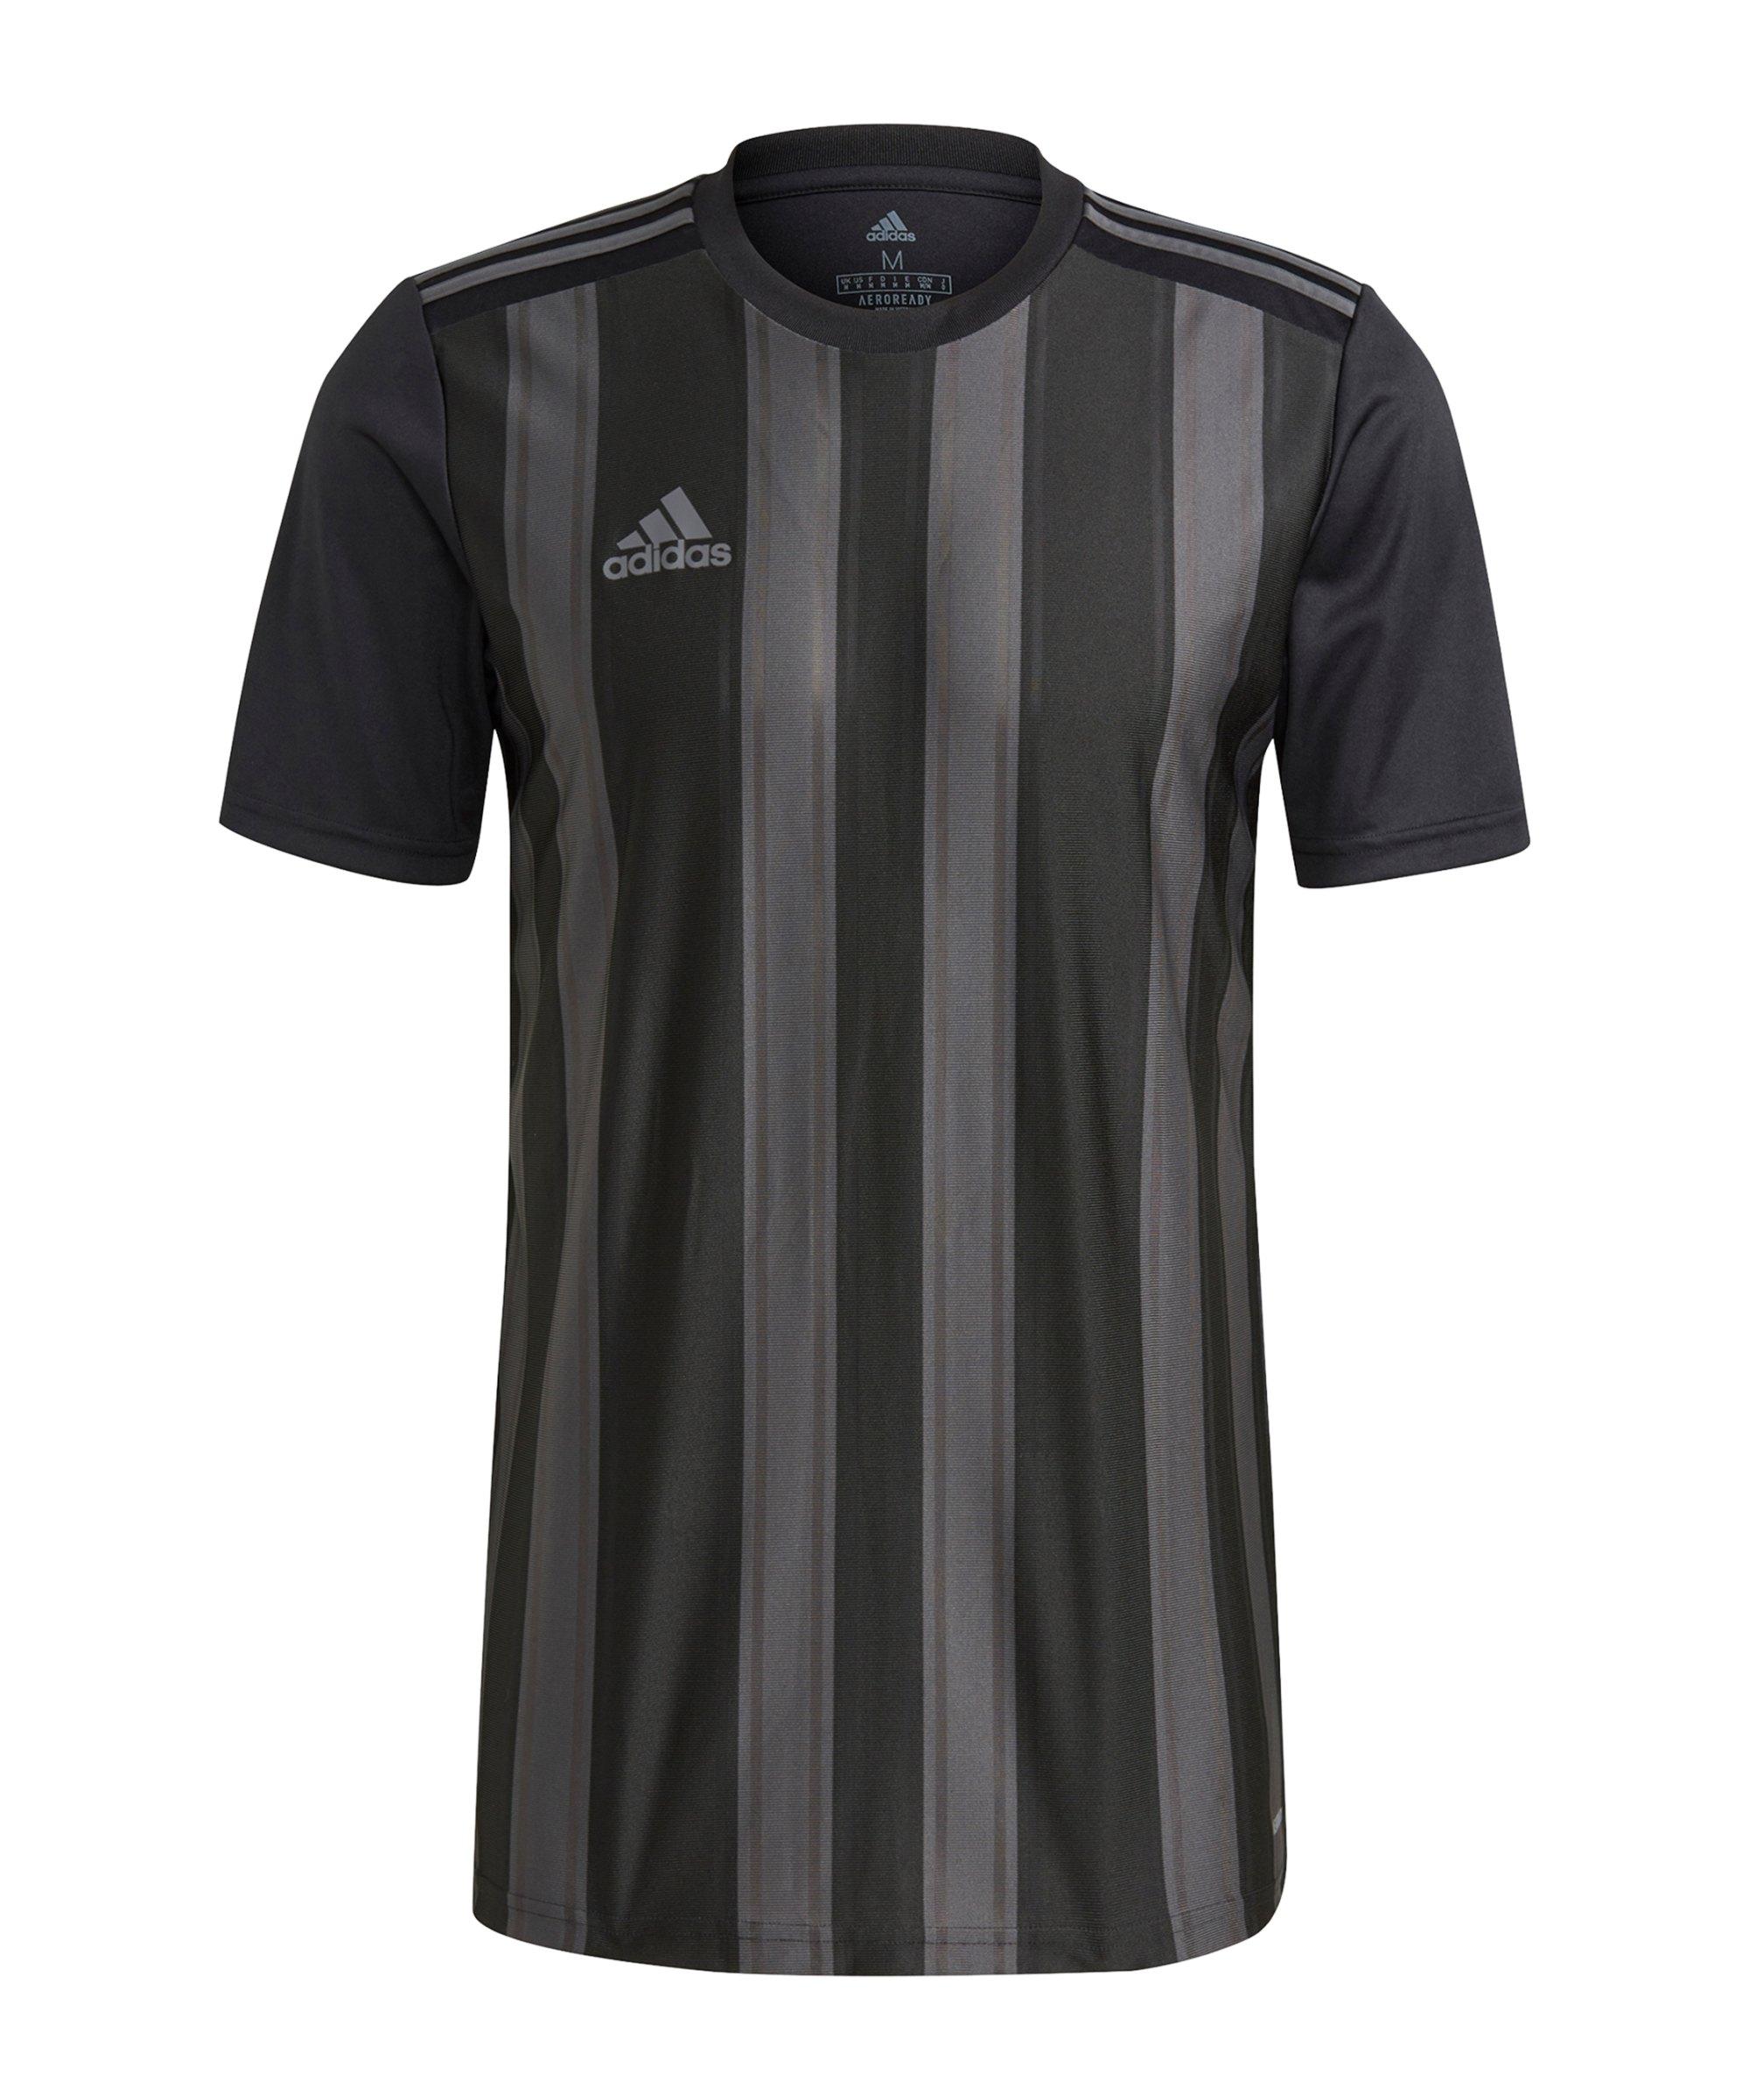 adidas Striped 21 Trikot Schwarz Grau - schwarz